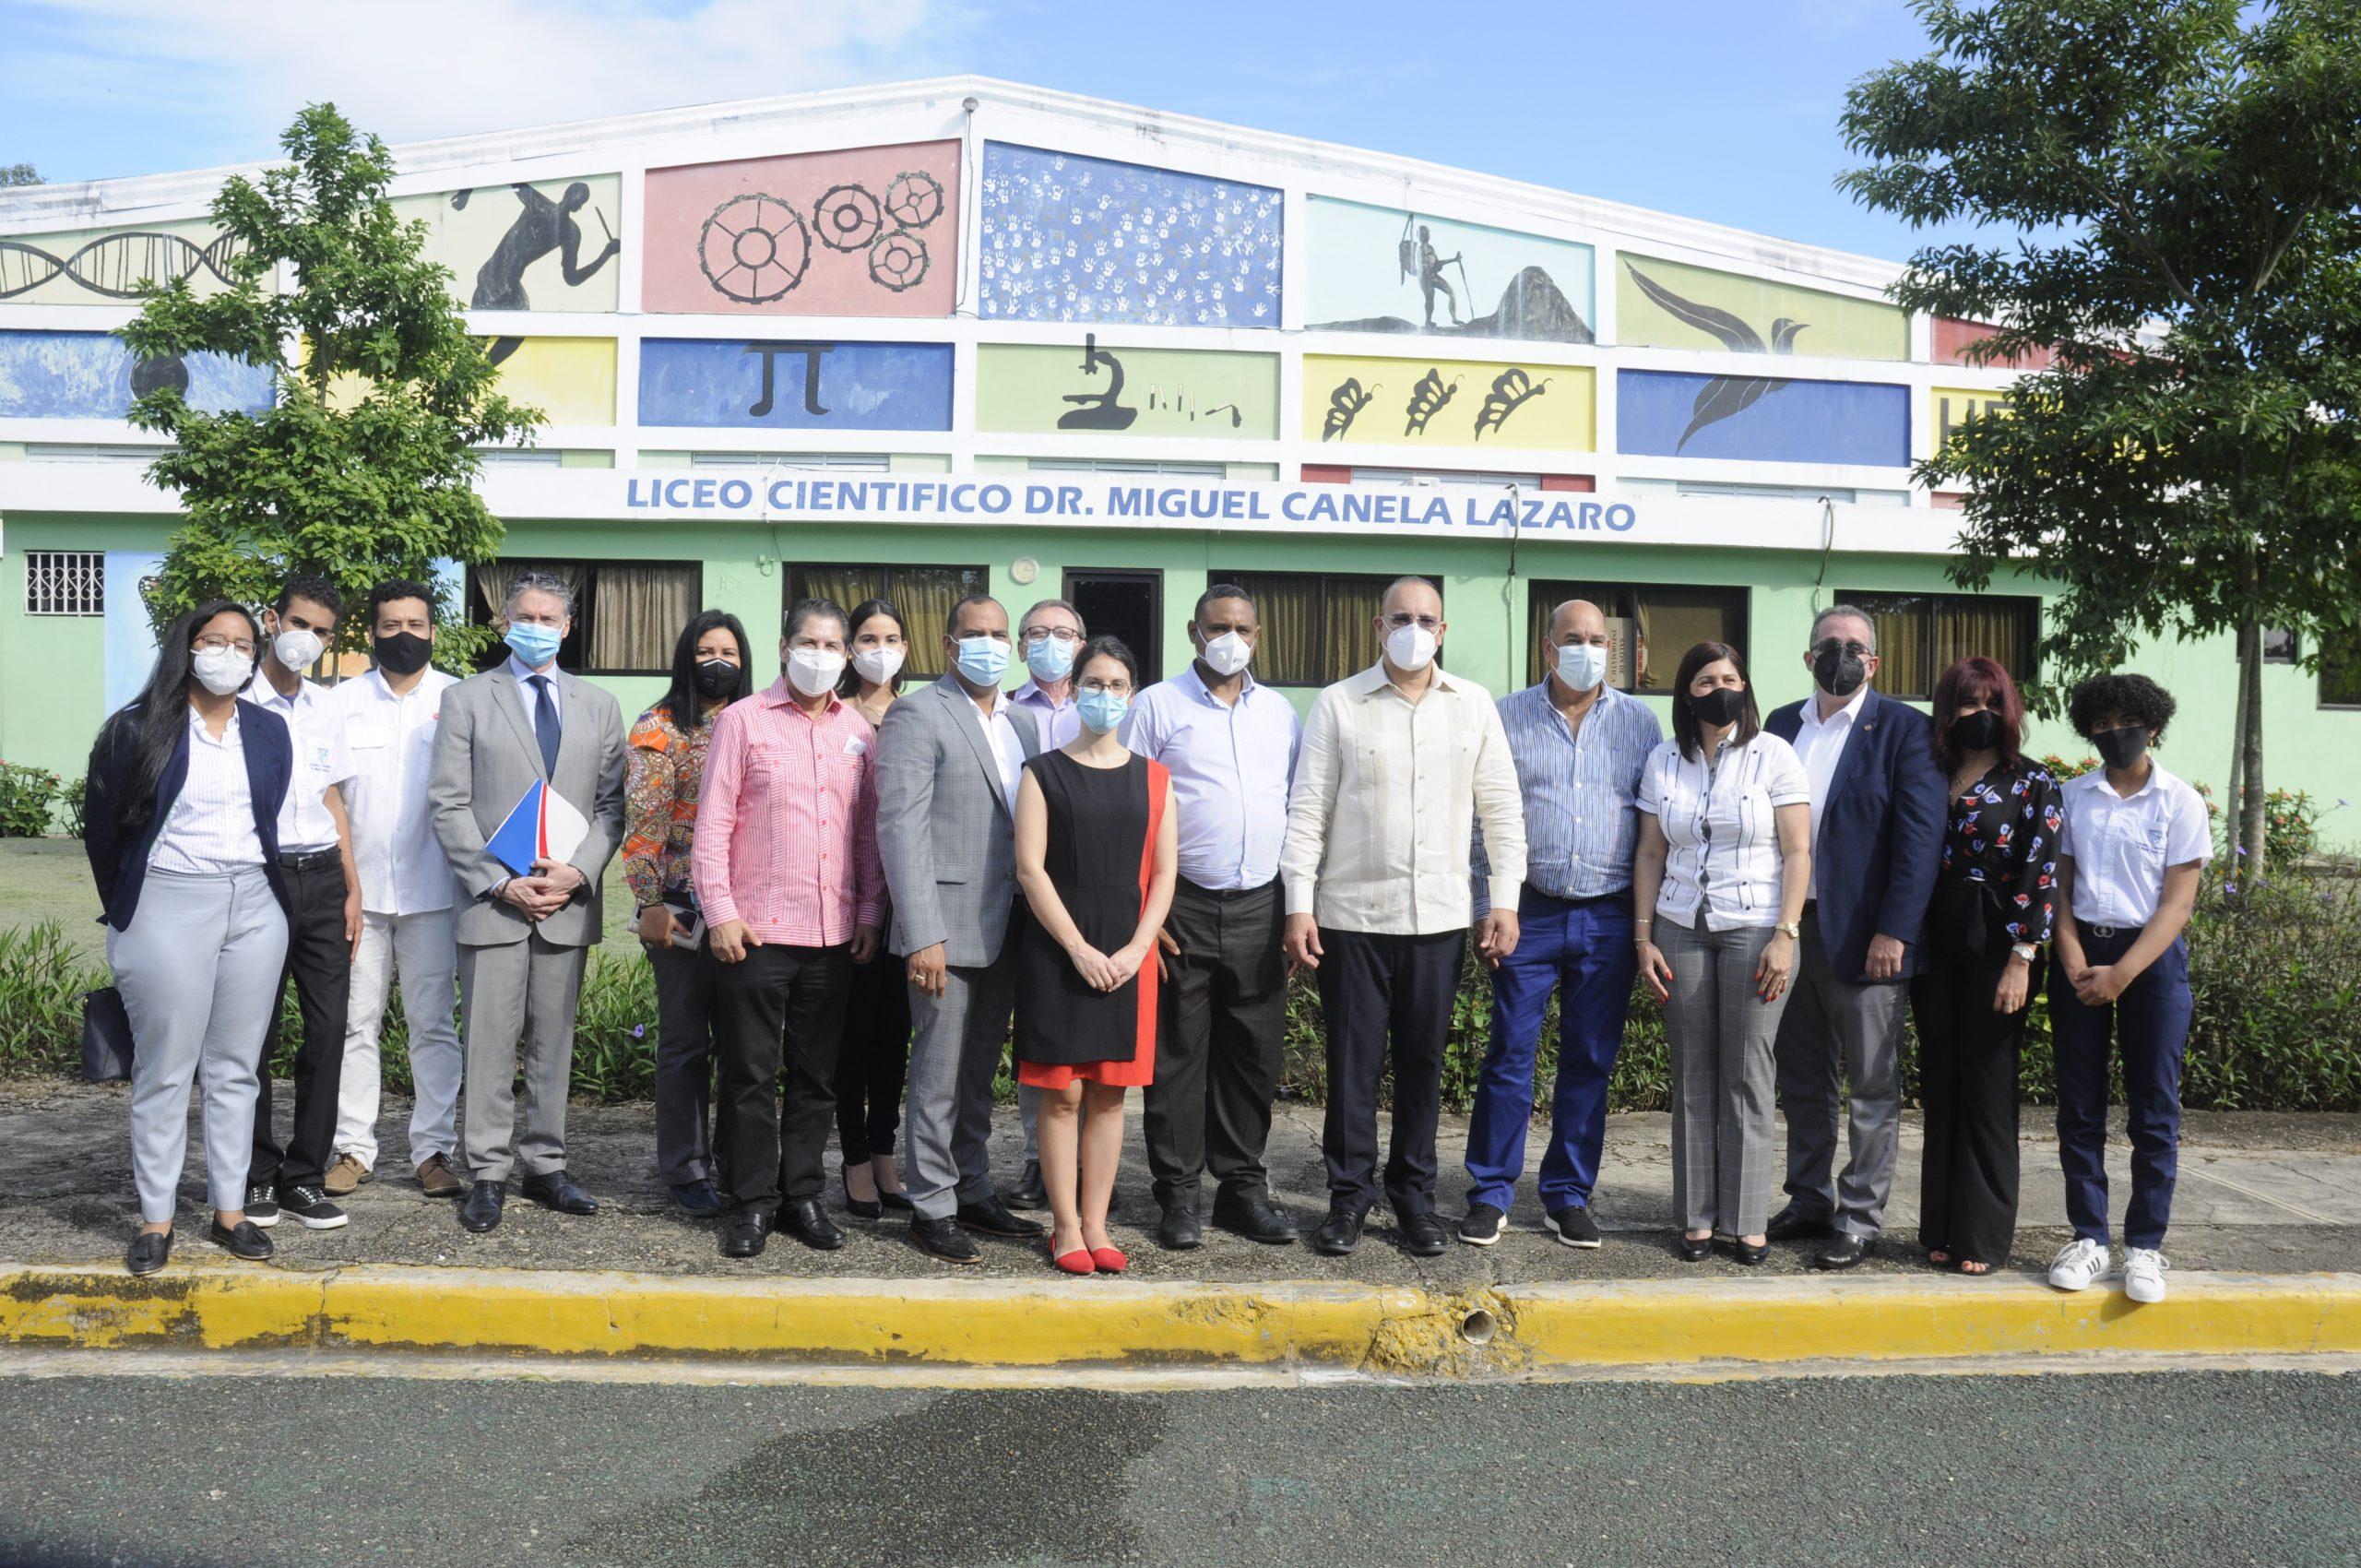 Encuentro con Estudiantes del Liceo Cientifico Dr. Miguel Canela Lazaro Parque Indust. de Salcedo 17-12-20 (8)